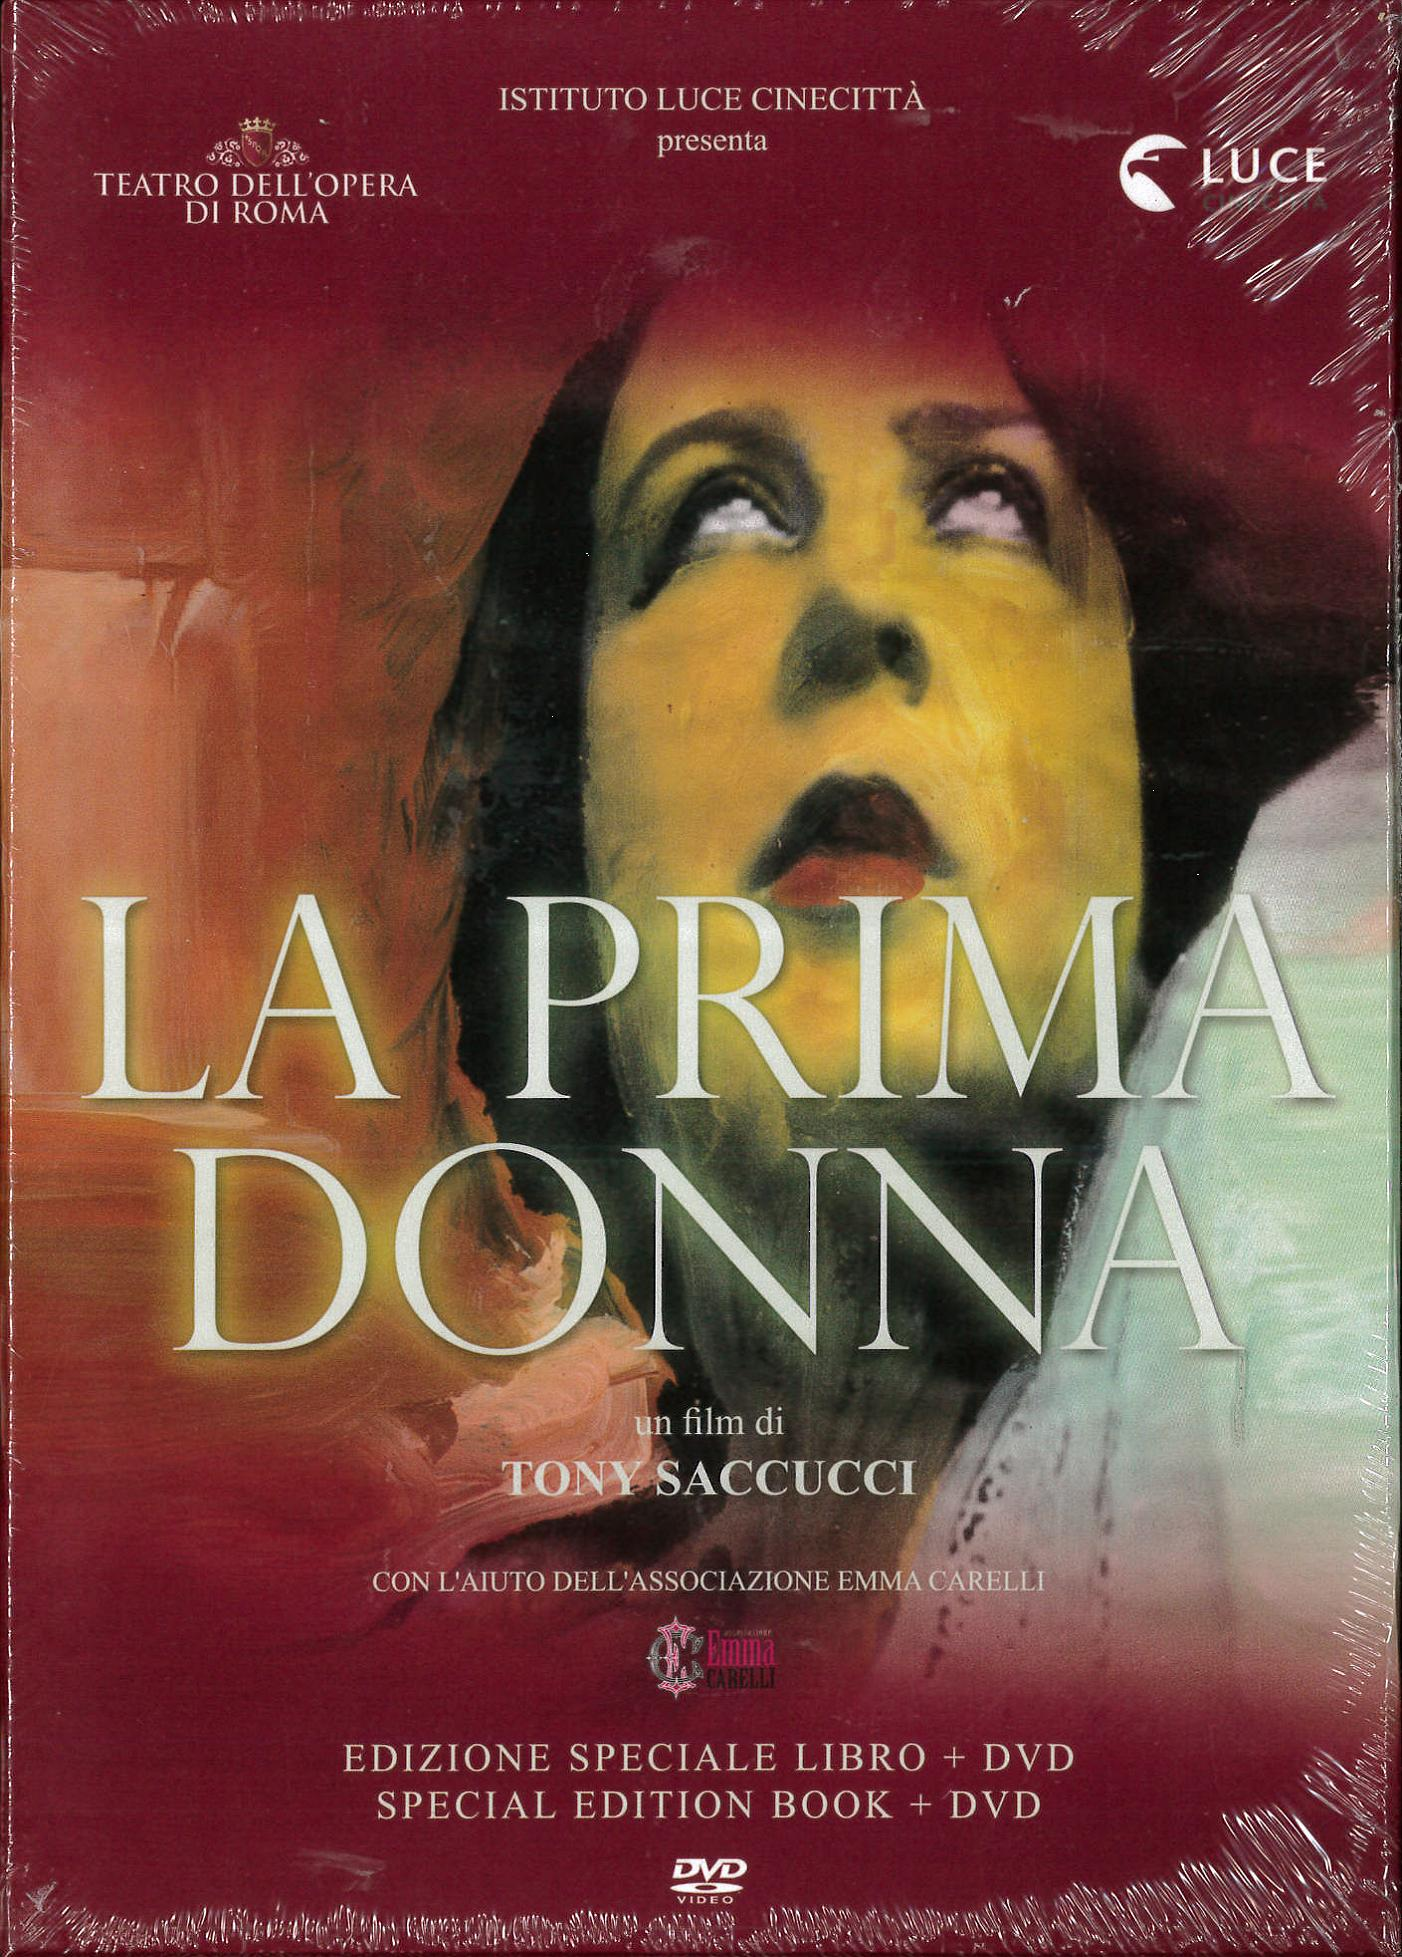 LA PRIMA DONNA (DVD+LIBRO) (DVD)